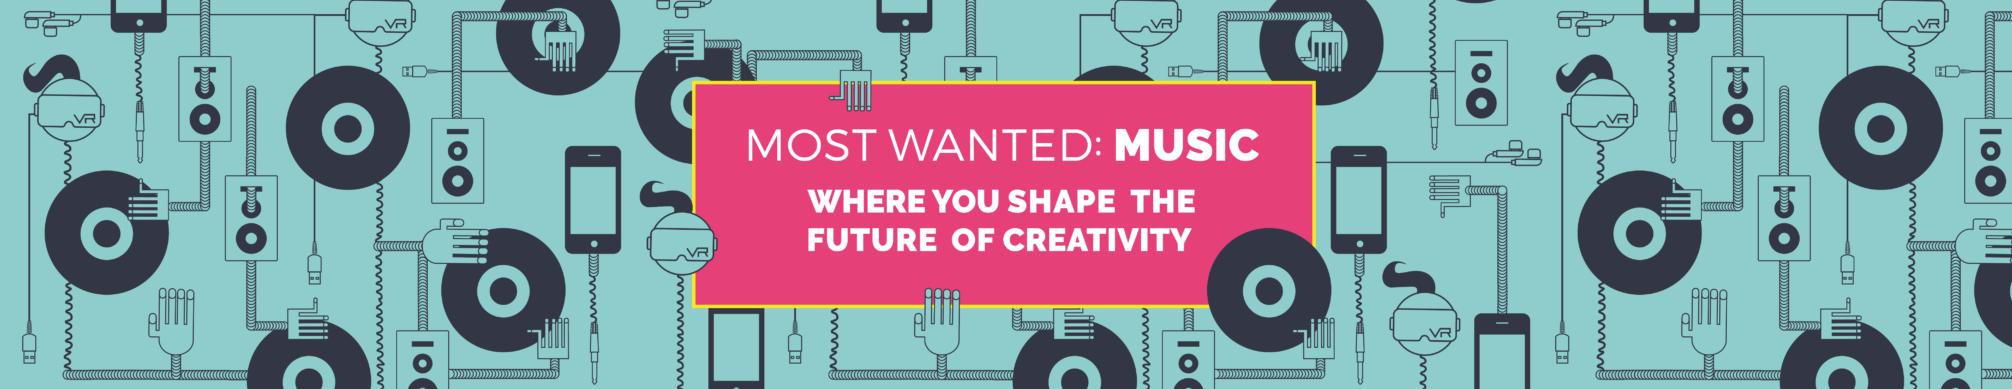 Most Wanted Music, MWM, MW:M, BMC, Listen to Berlin, Award, Musikkonferenz, Music Business, Conference, November 2018, Alte Münze, Event, Music Tech, CI, AI, KI, VR, Music App, Musikwirtschaft, Musikbranche, Business Event